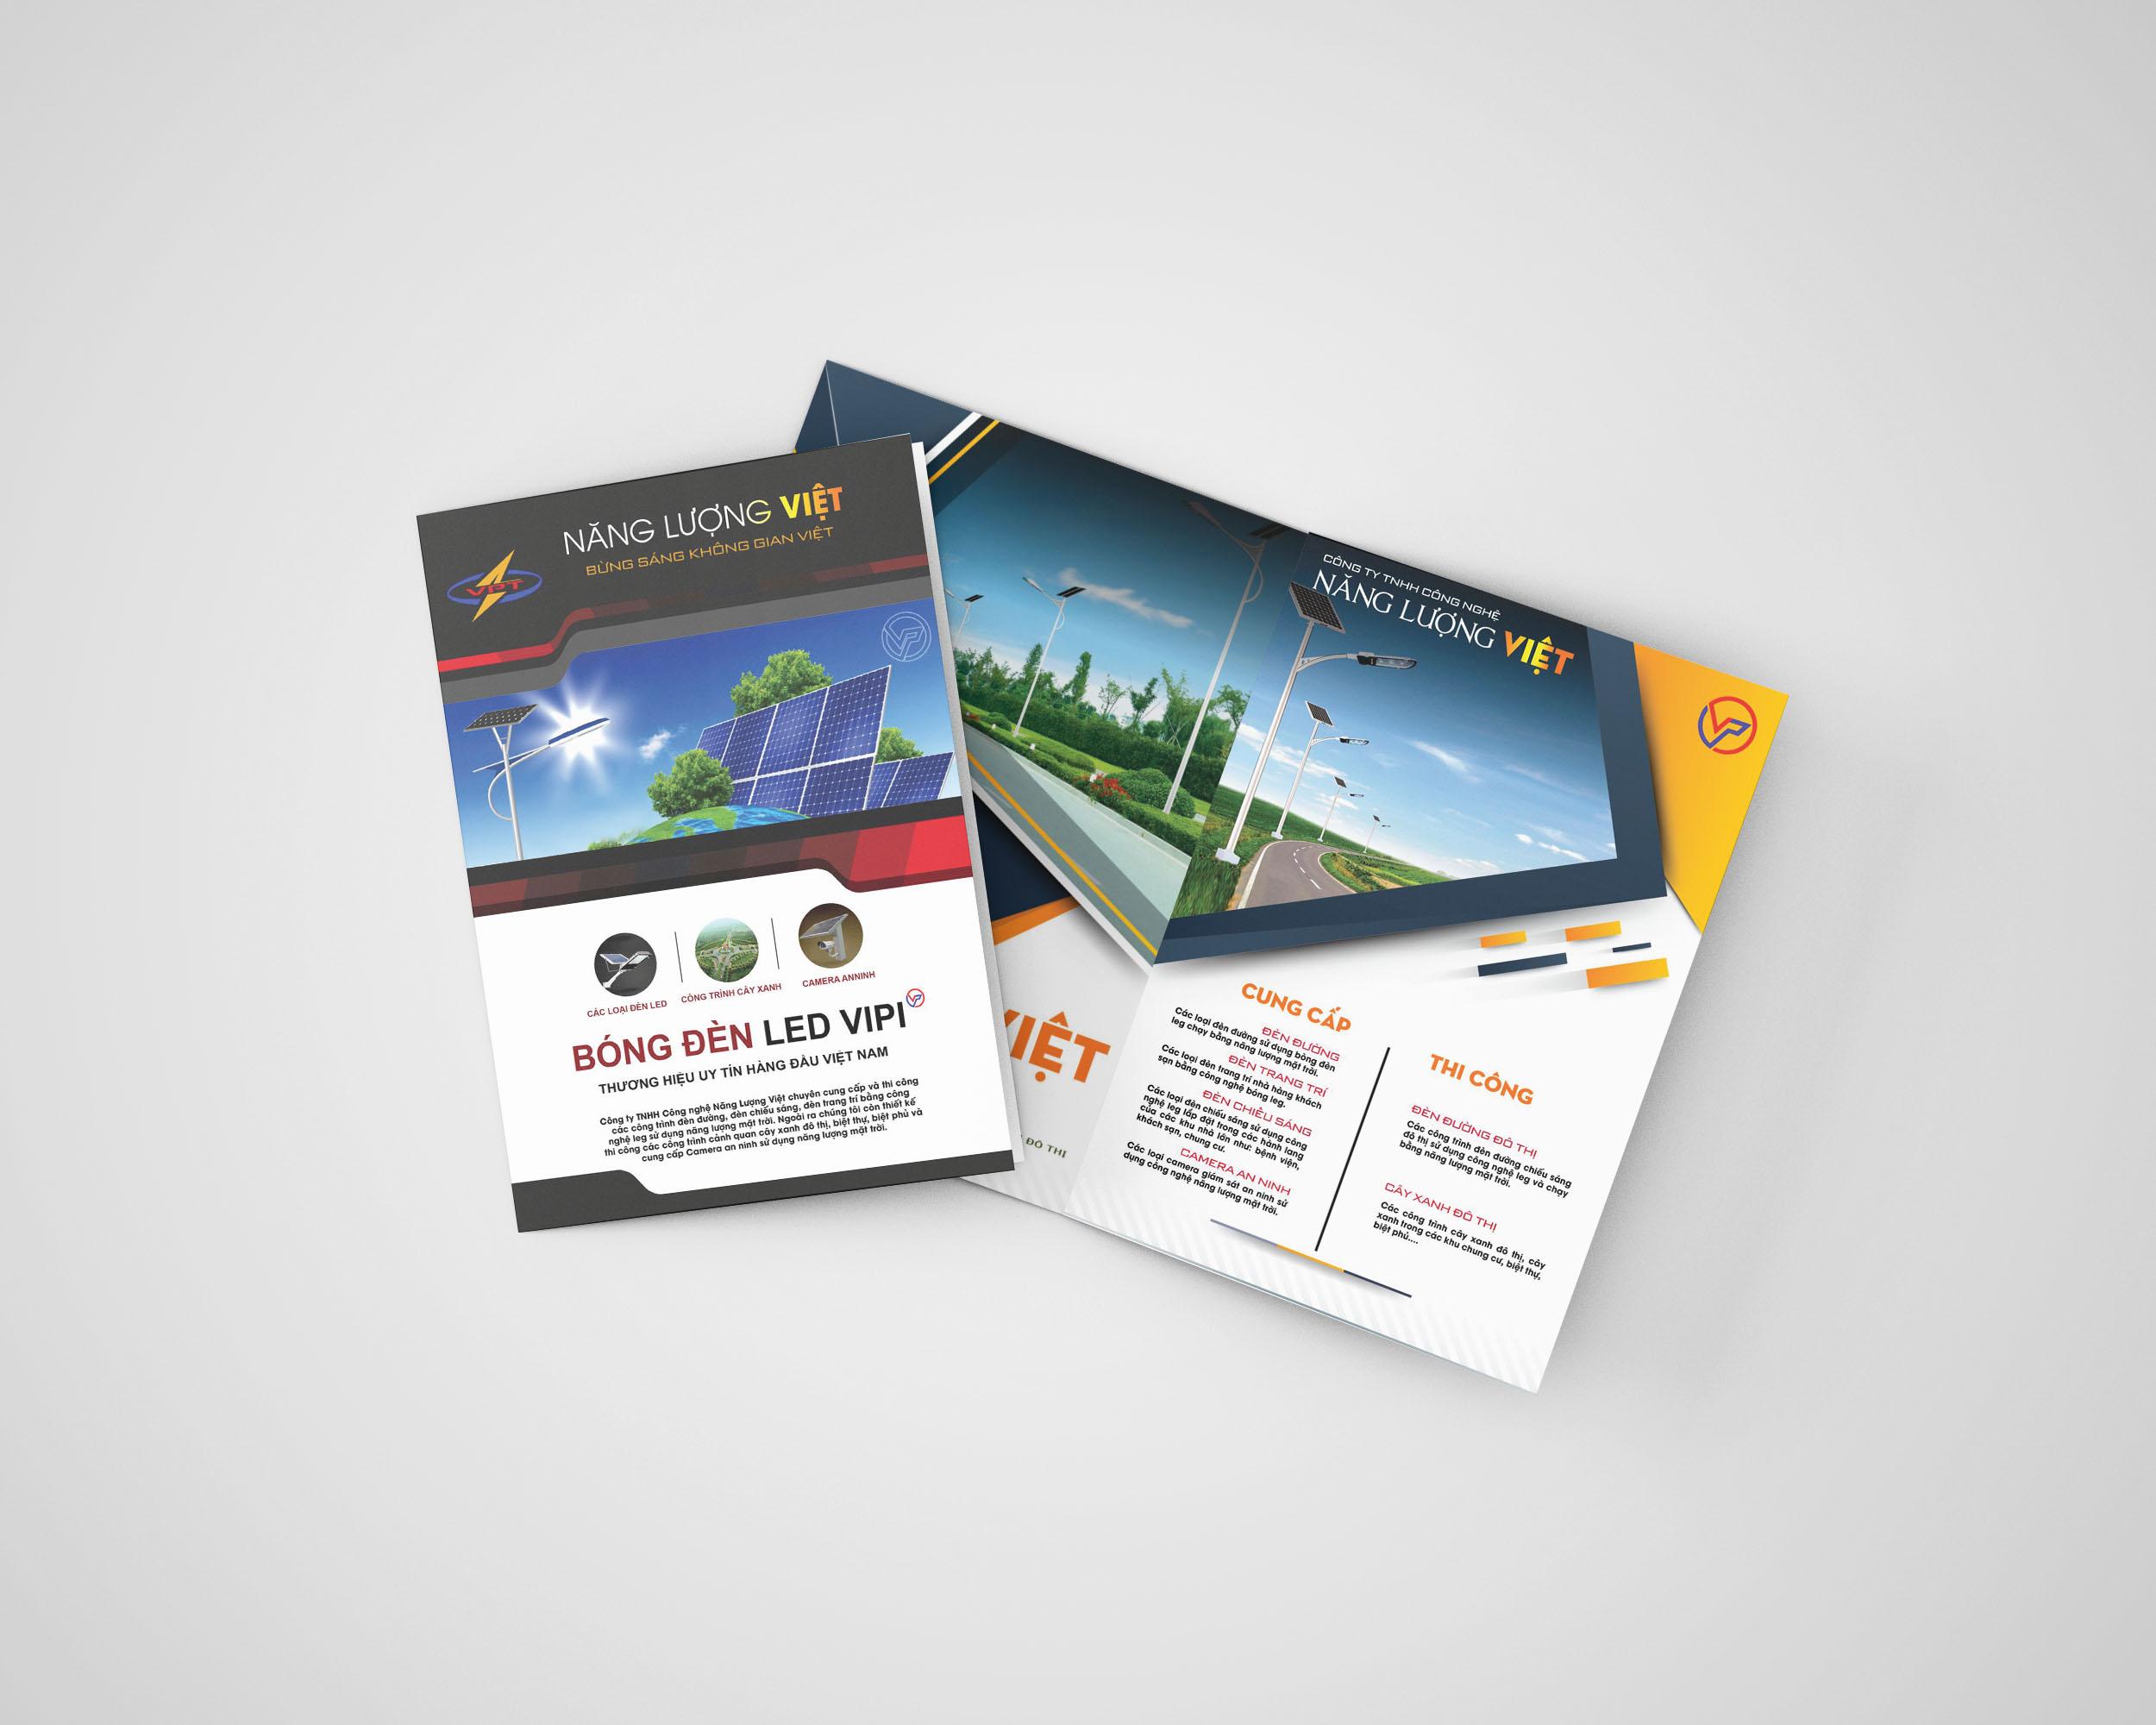 thiết kế brochure năng lượng việt 4